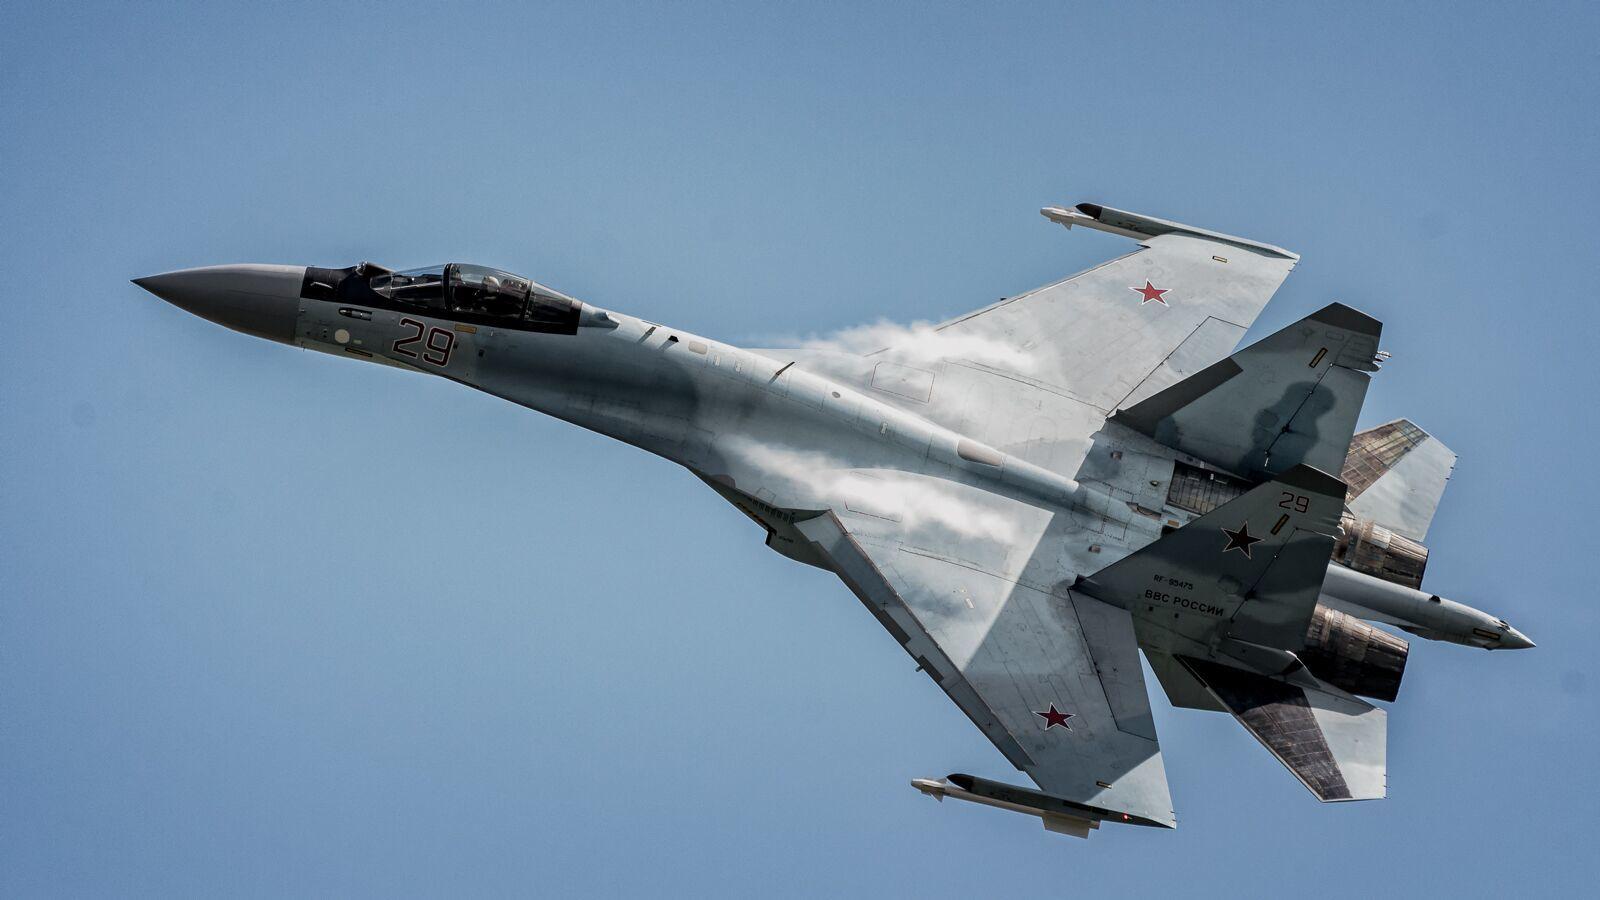 美军轰炸机试图飞近俄罗斯领空 俄3架苏-35战机紧急拦截逼退